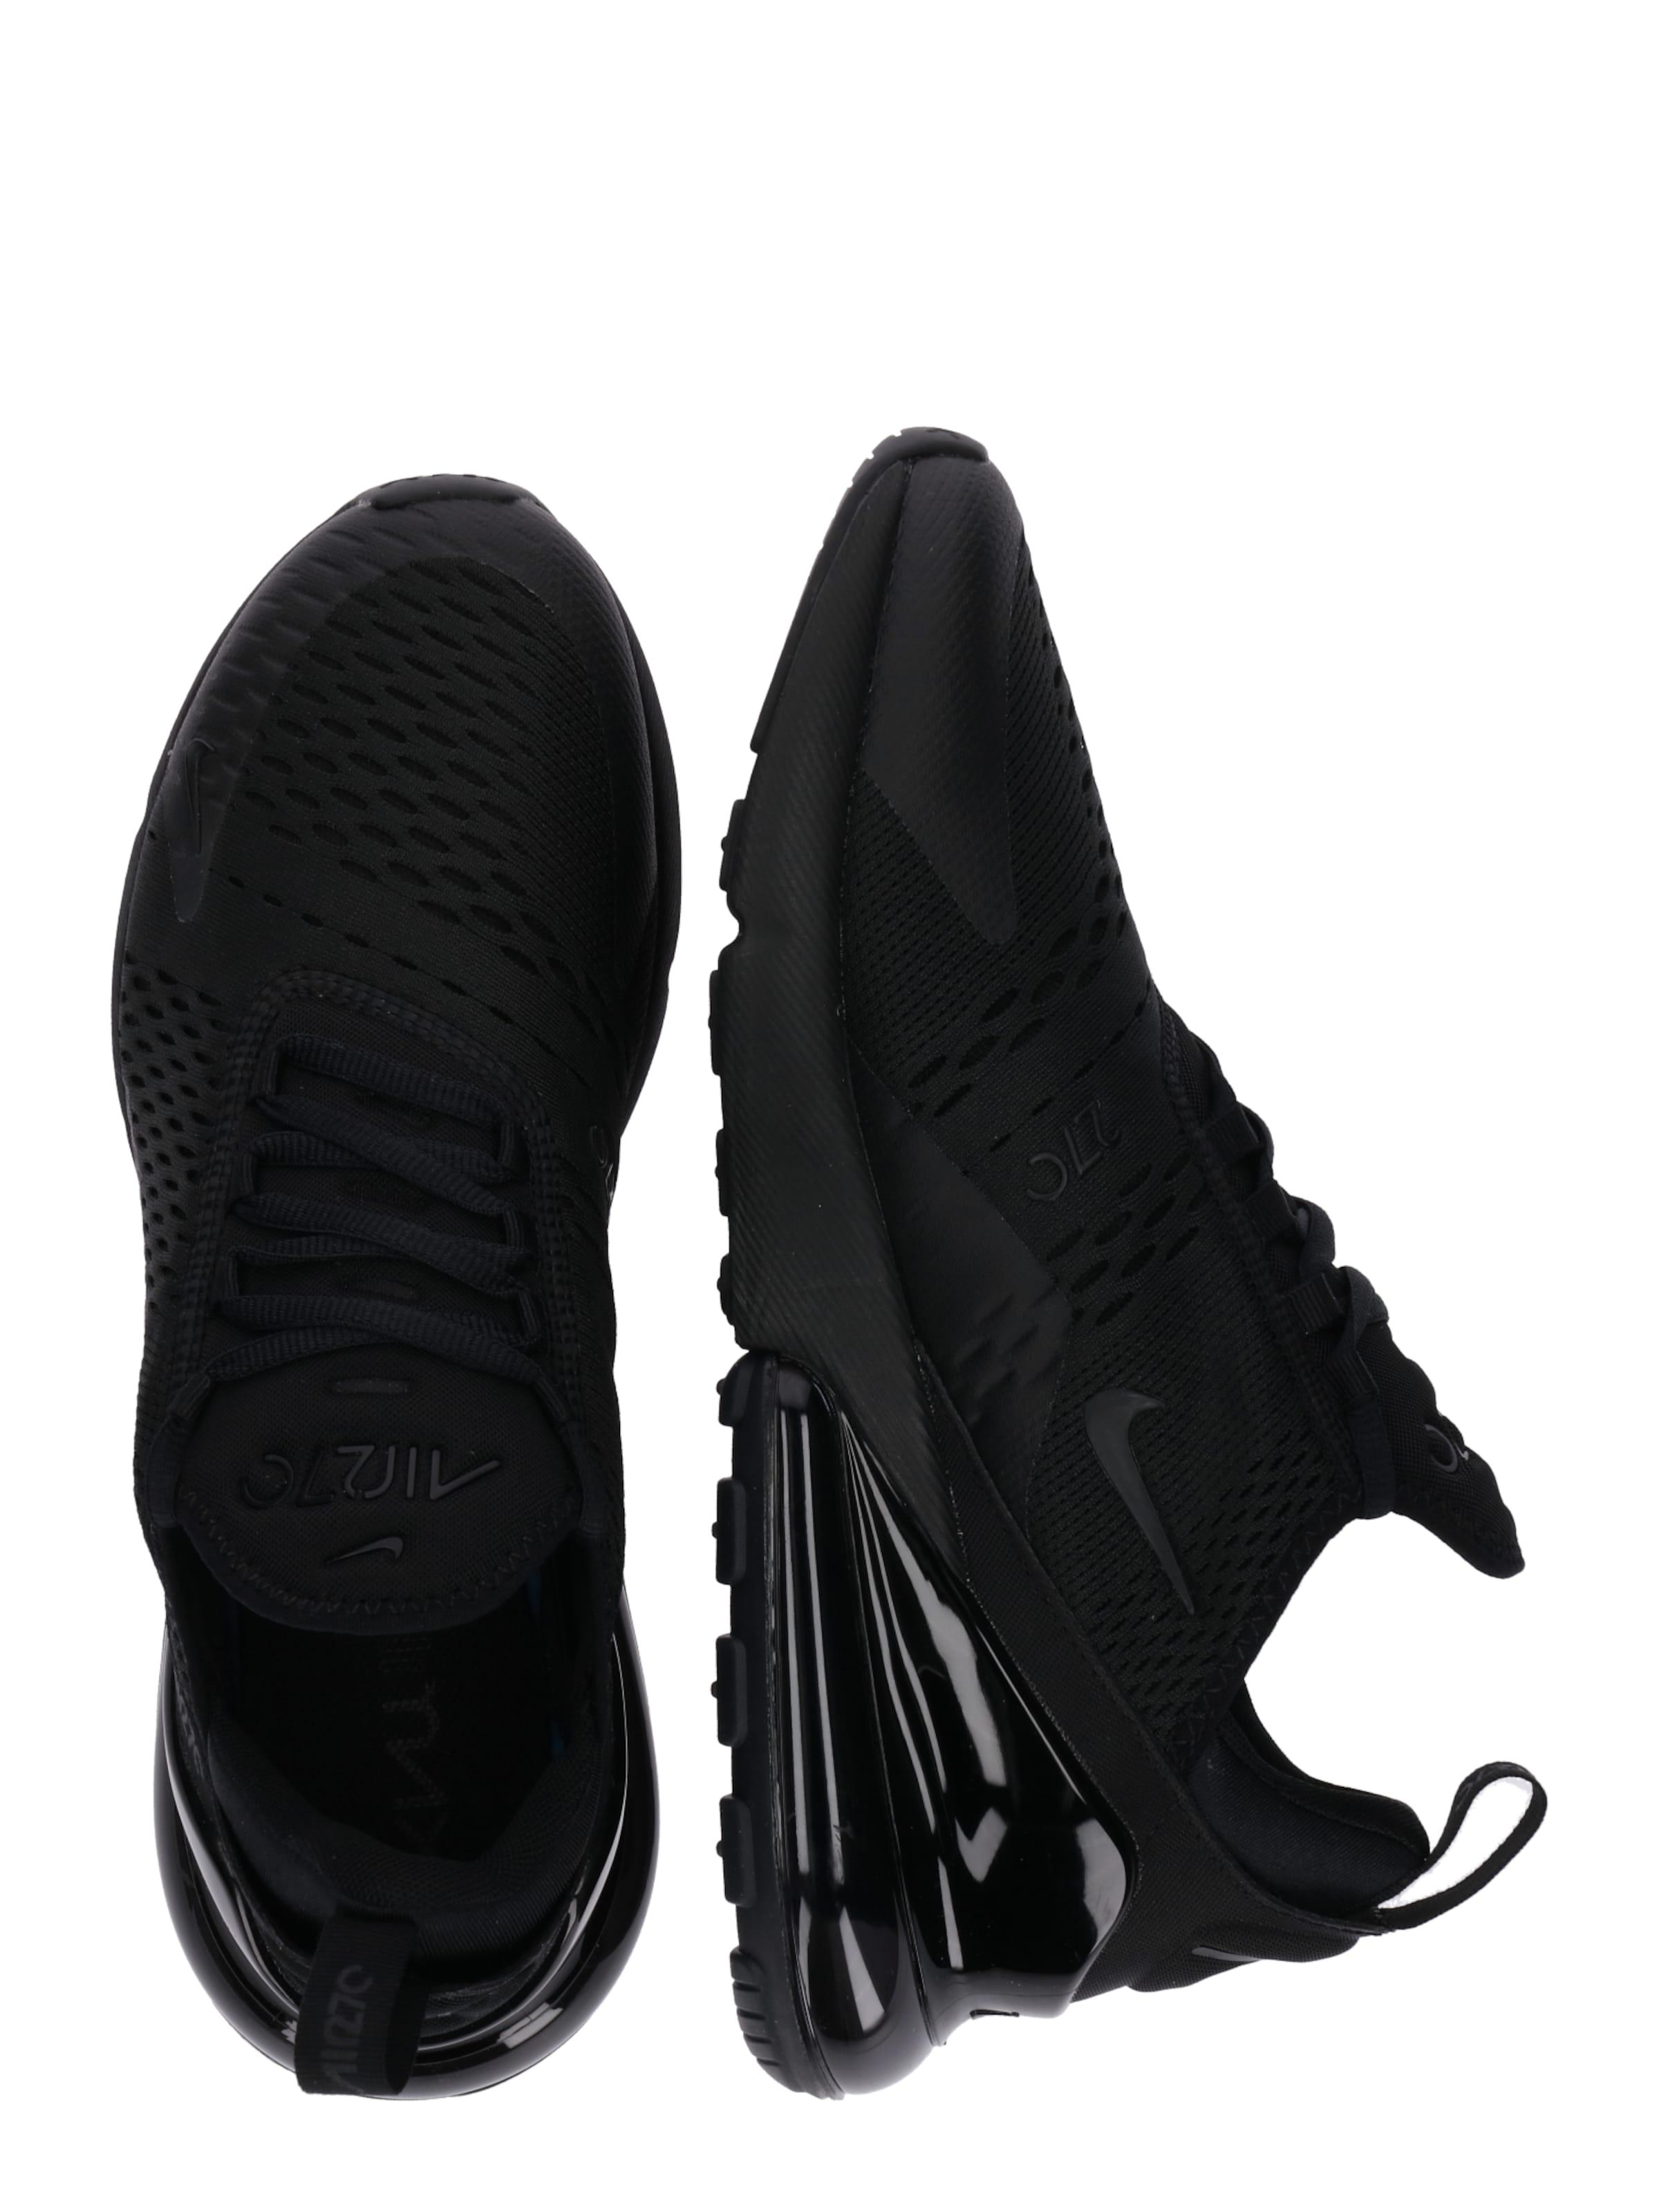 Max 'air Schwarz In 270' Sneaker Nike Sportswear CdxBoe